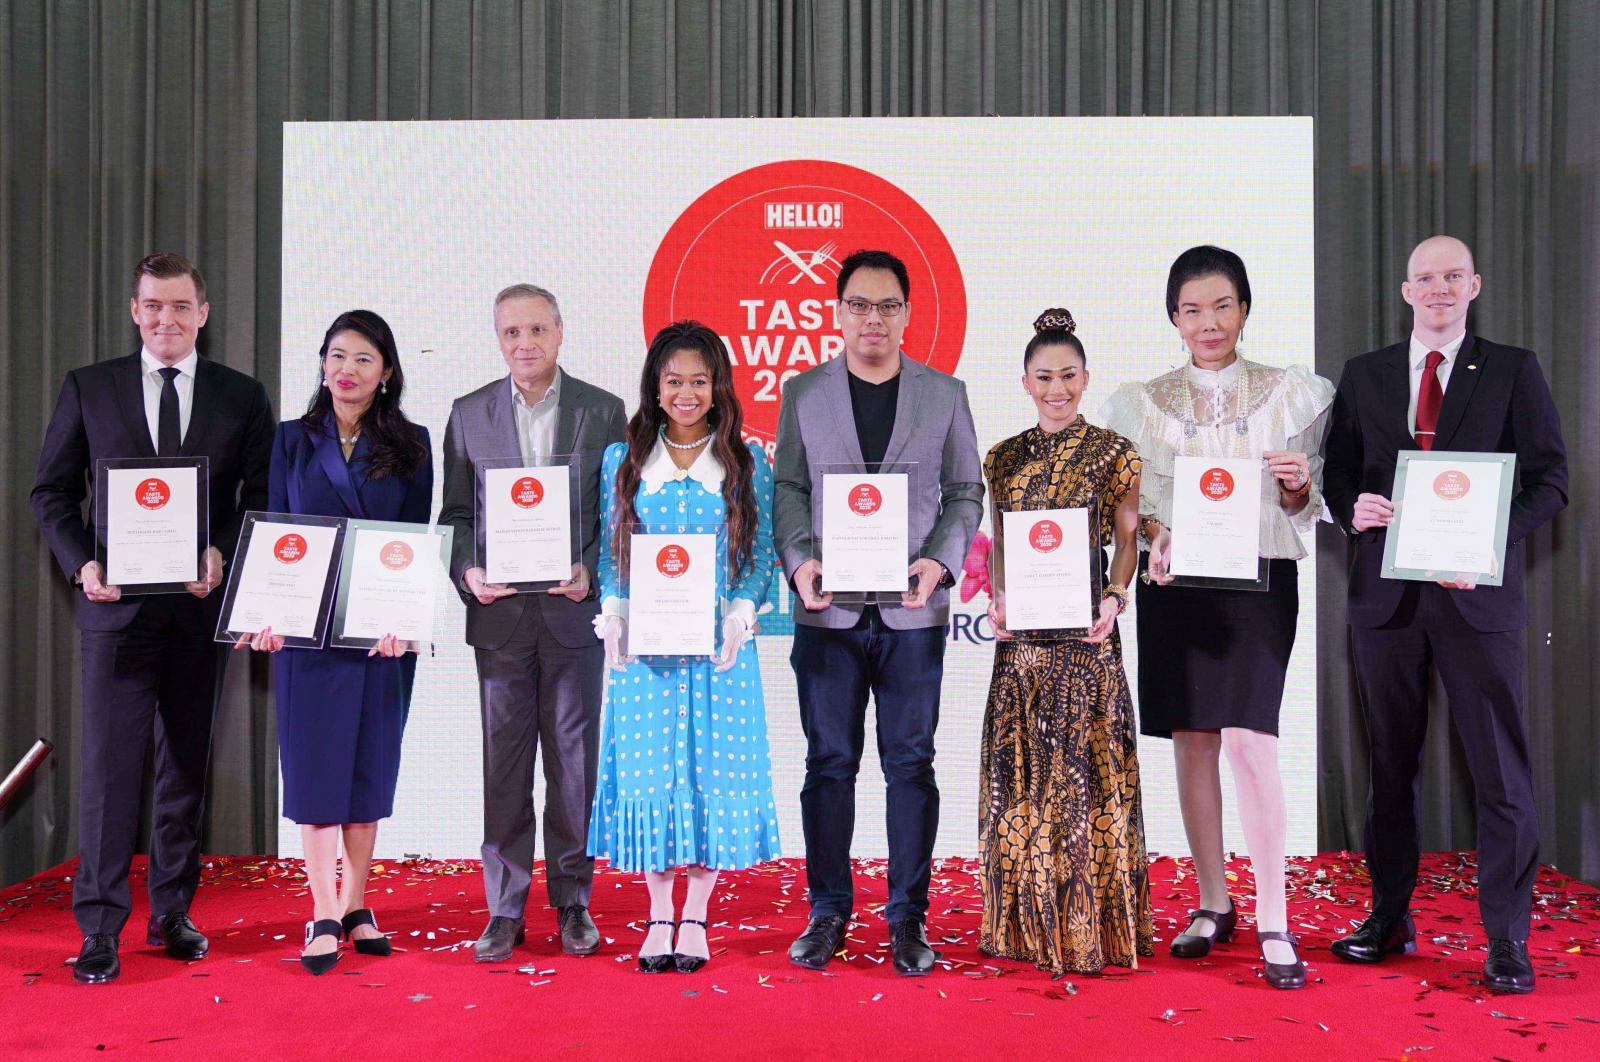 นิตยสาร HELLO! ประเทศไทย จัดงาน HELLO! Taste Awards 2020 มอบรางวัลสุดยอดร้านอาหารในดวงใจของเหล่าเซเลบริตี้นักชิม ครั้งแรกของการรวม 250 ร้านดังทั่วกรุงเทพฯ ในเล่มพิเศษ HELLO! Taste Guide 2020